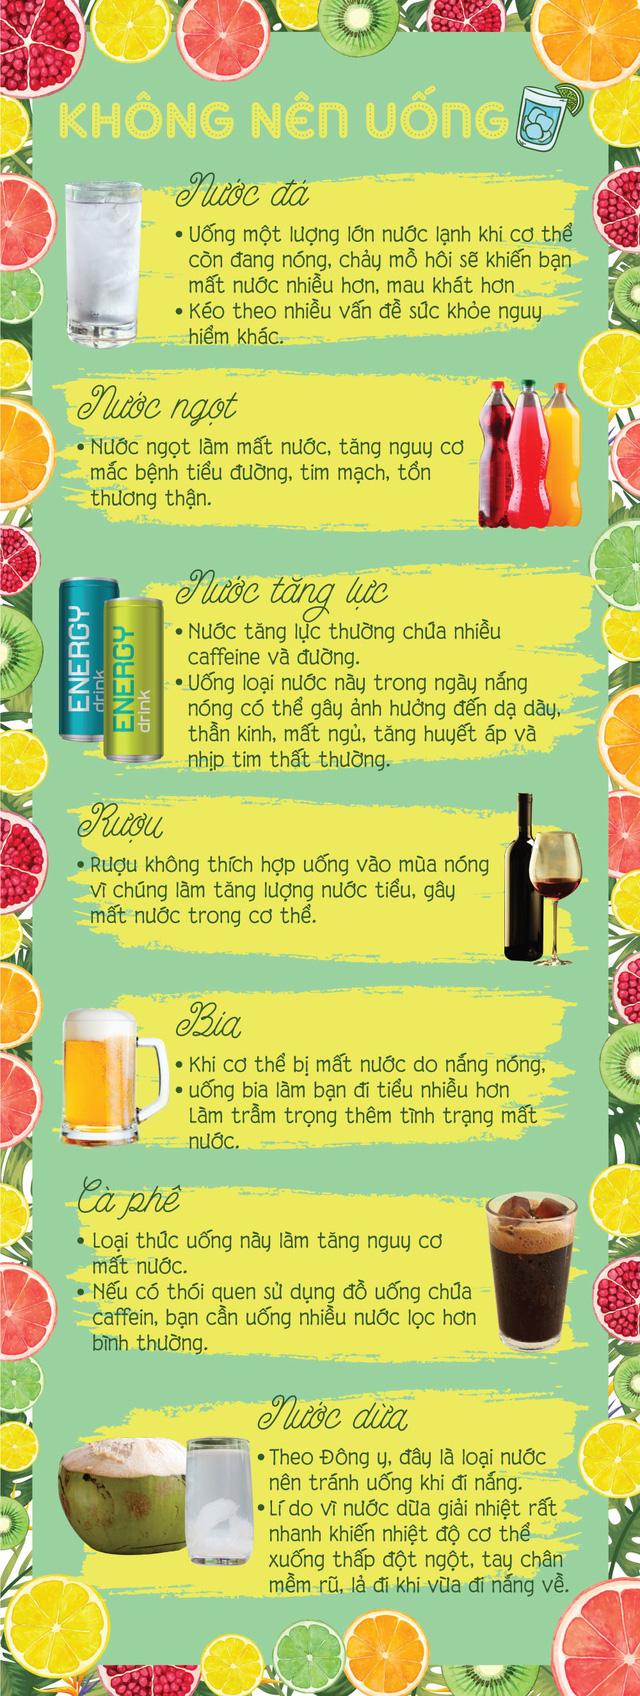 Nắng nóng, nên uống và không nên uống gì? - Ảnh 3.